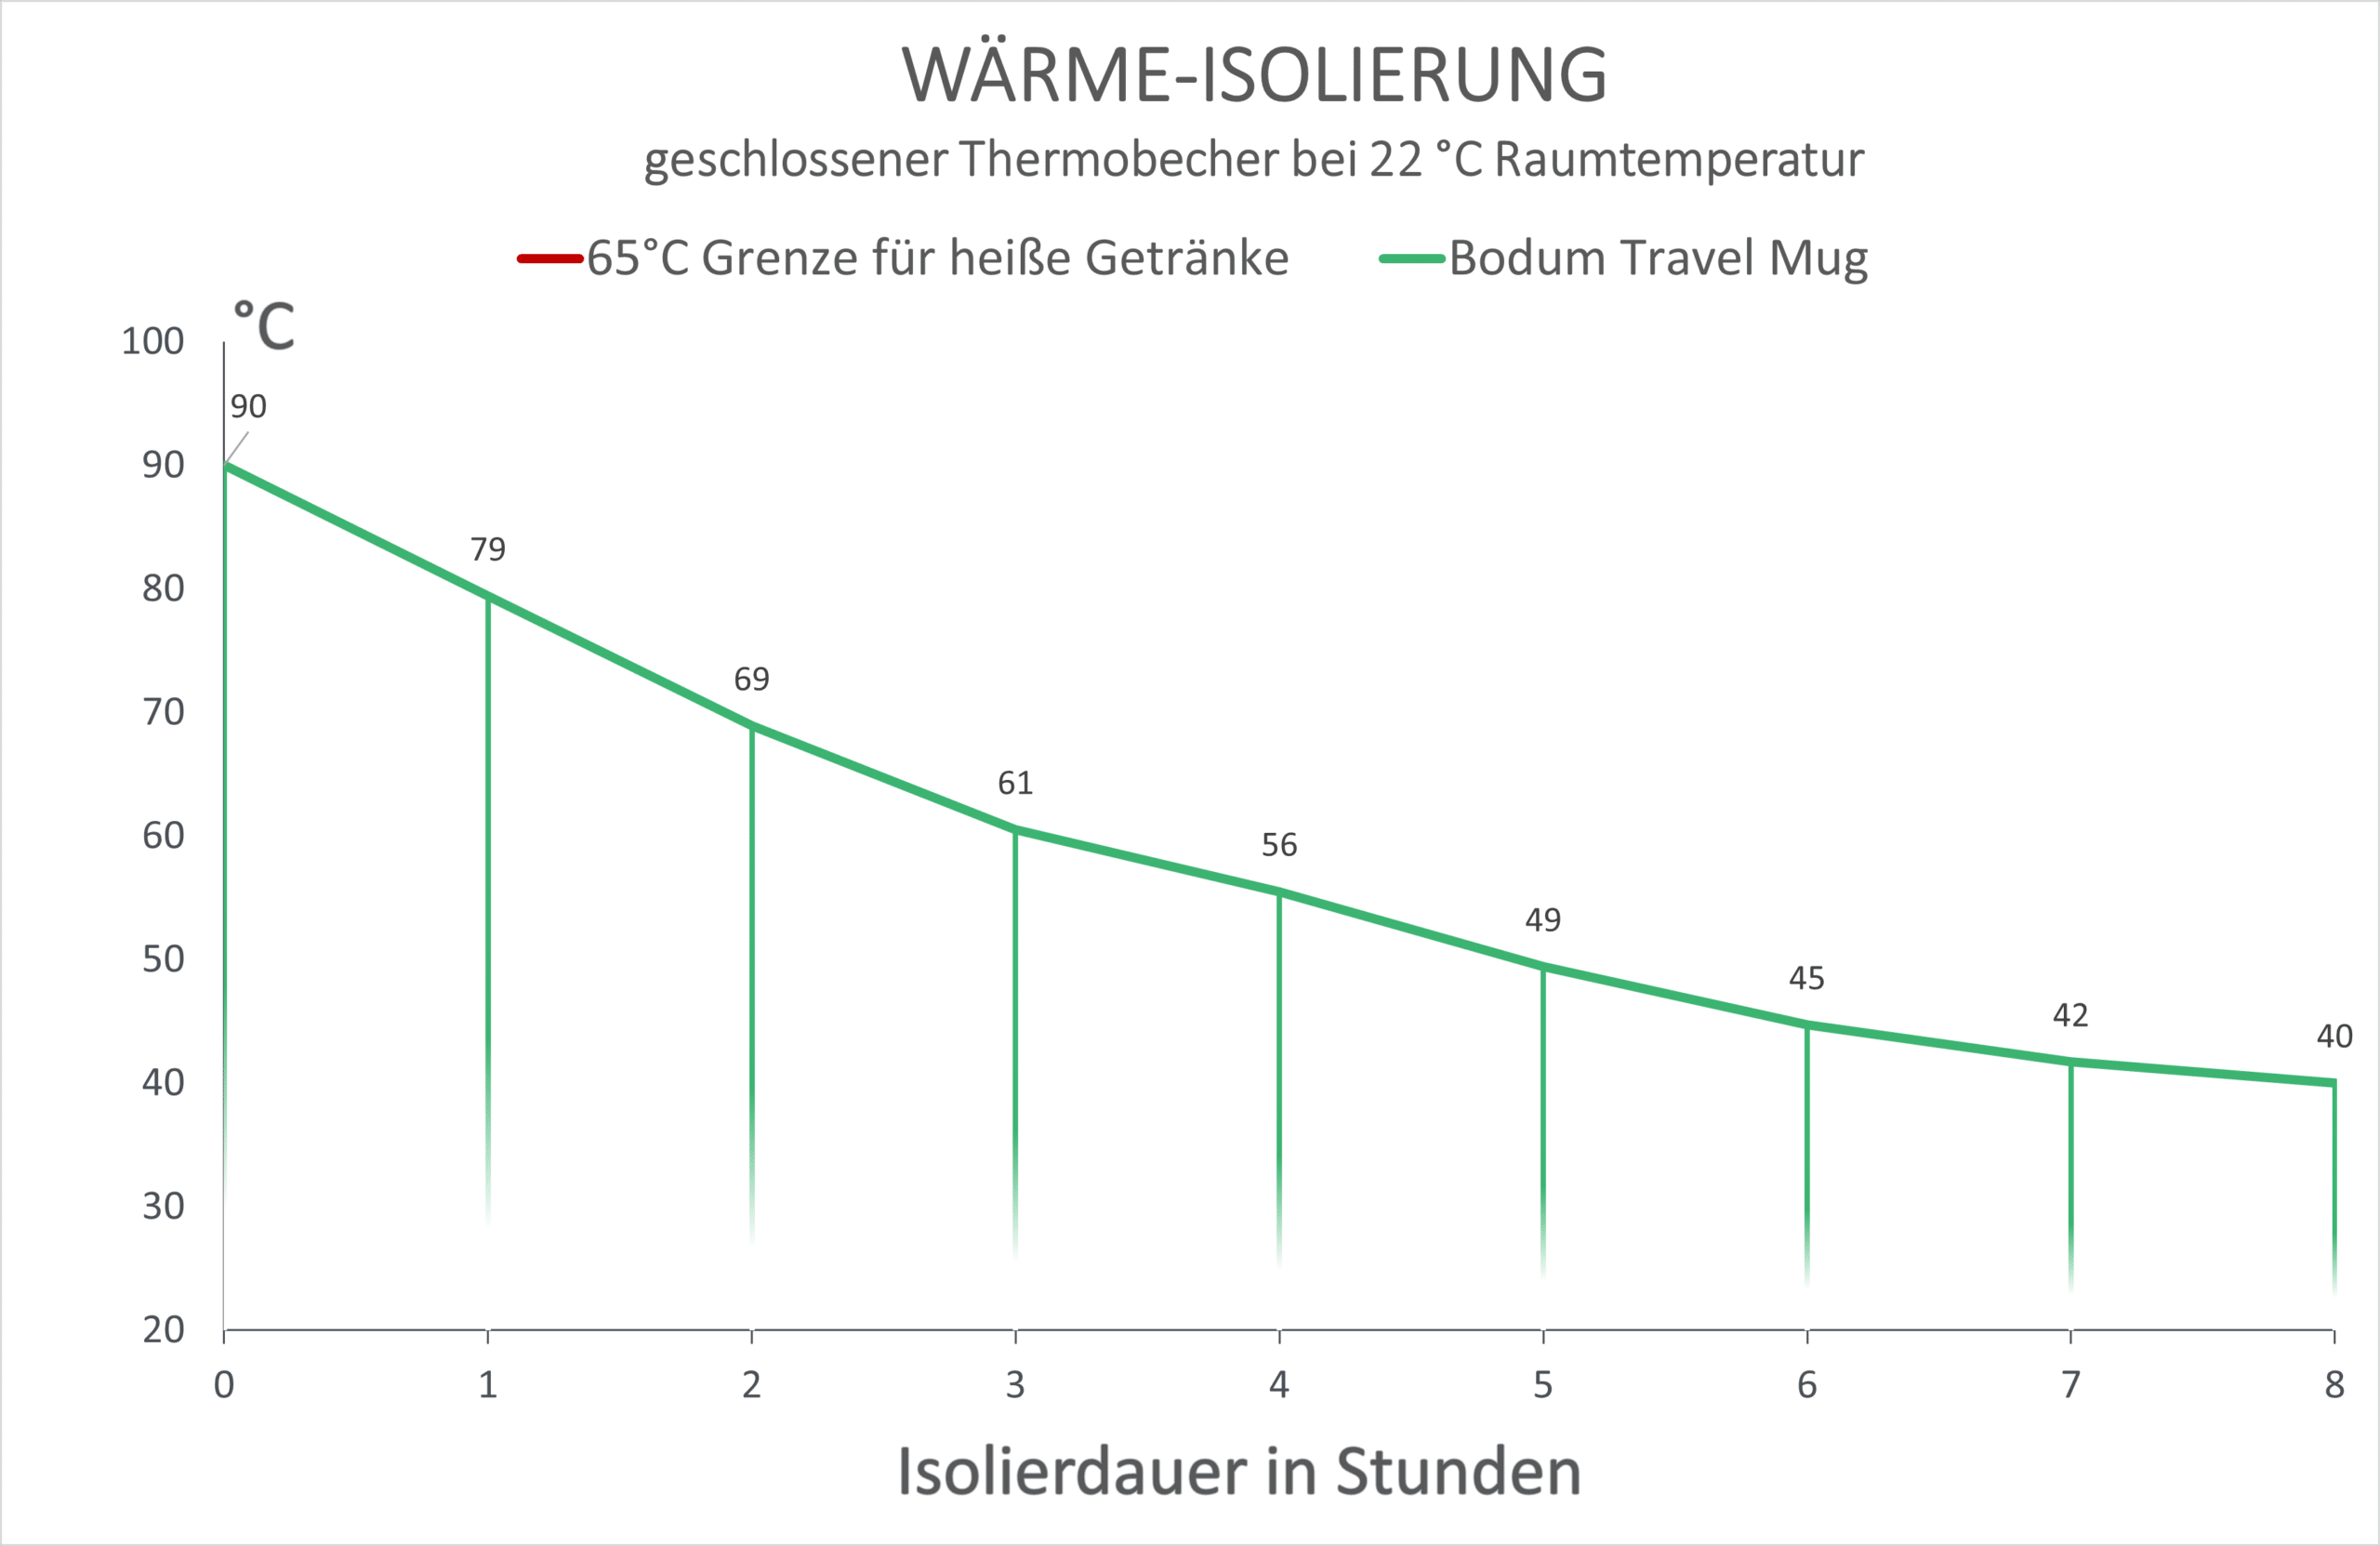 Bodum Travel Mug Wärmeisolierung Diagramm